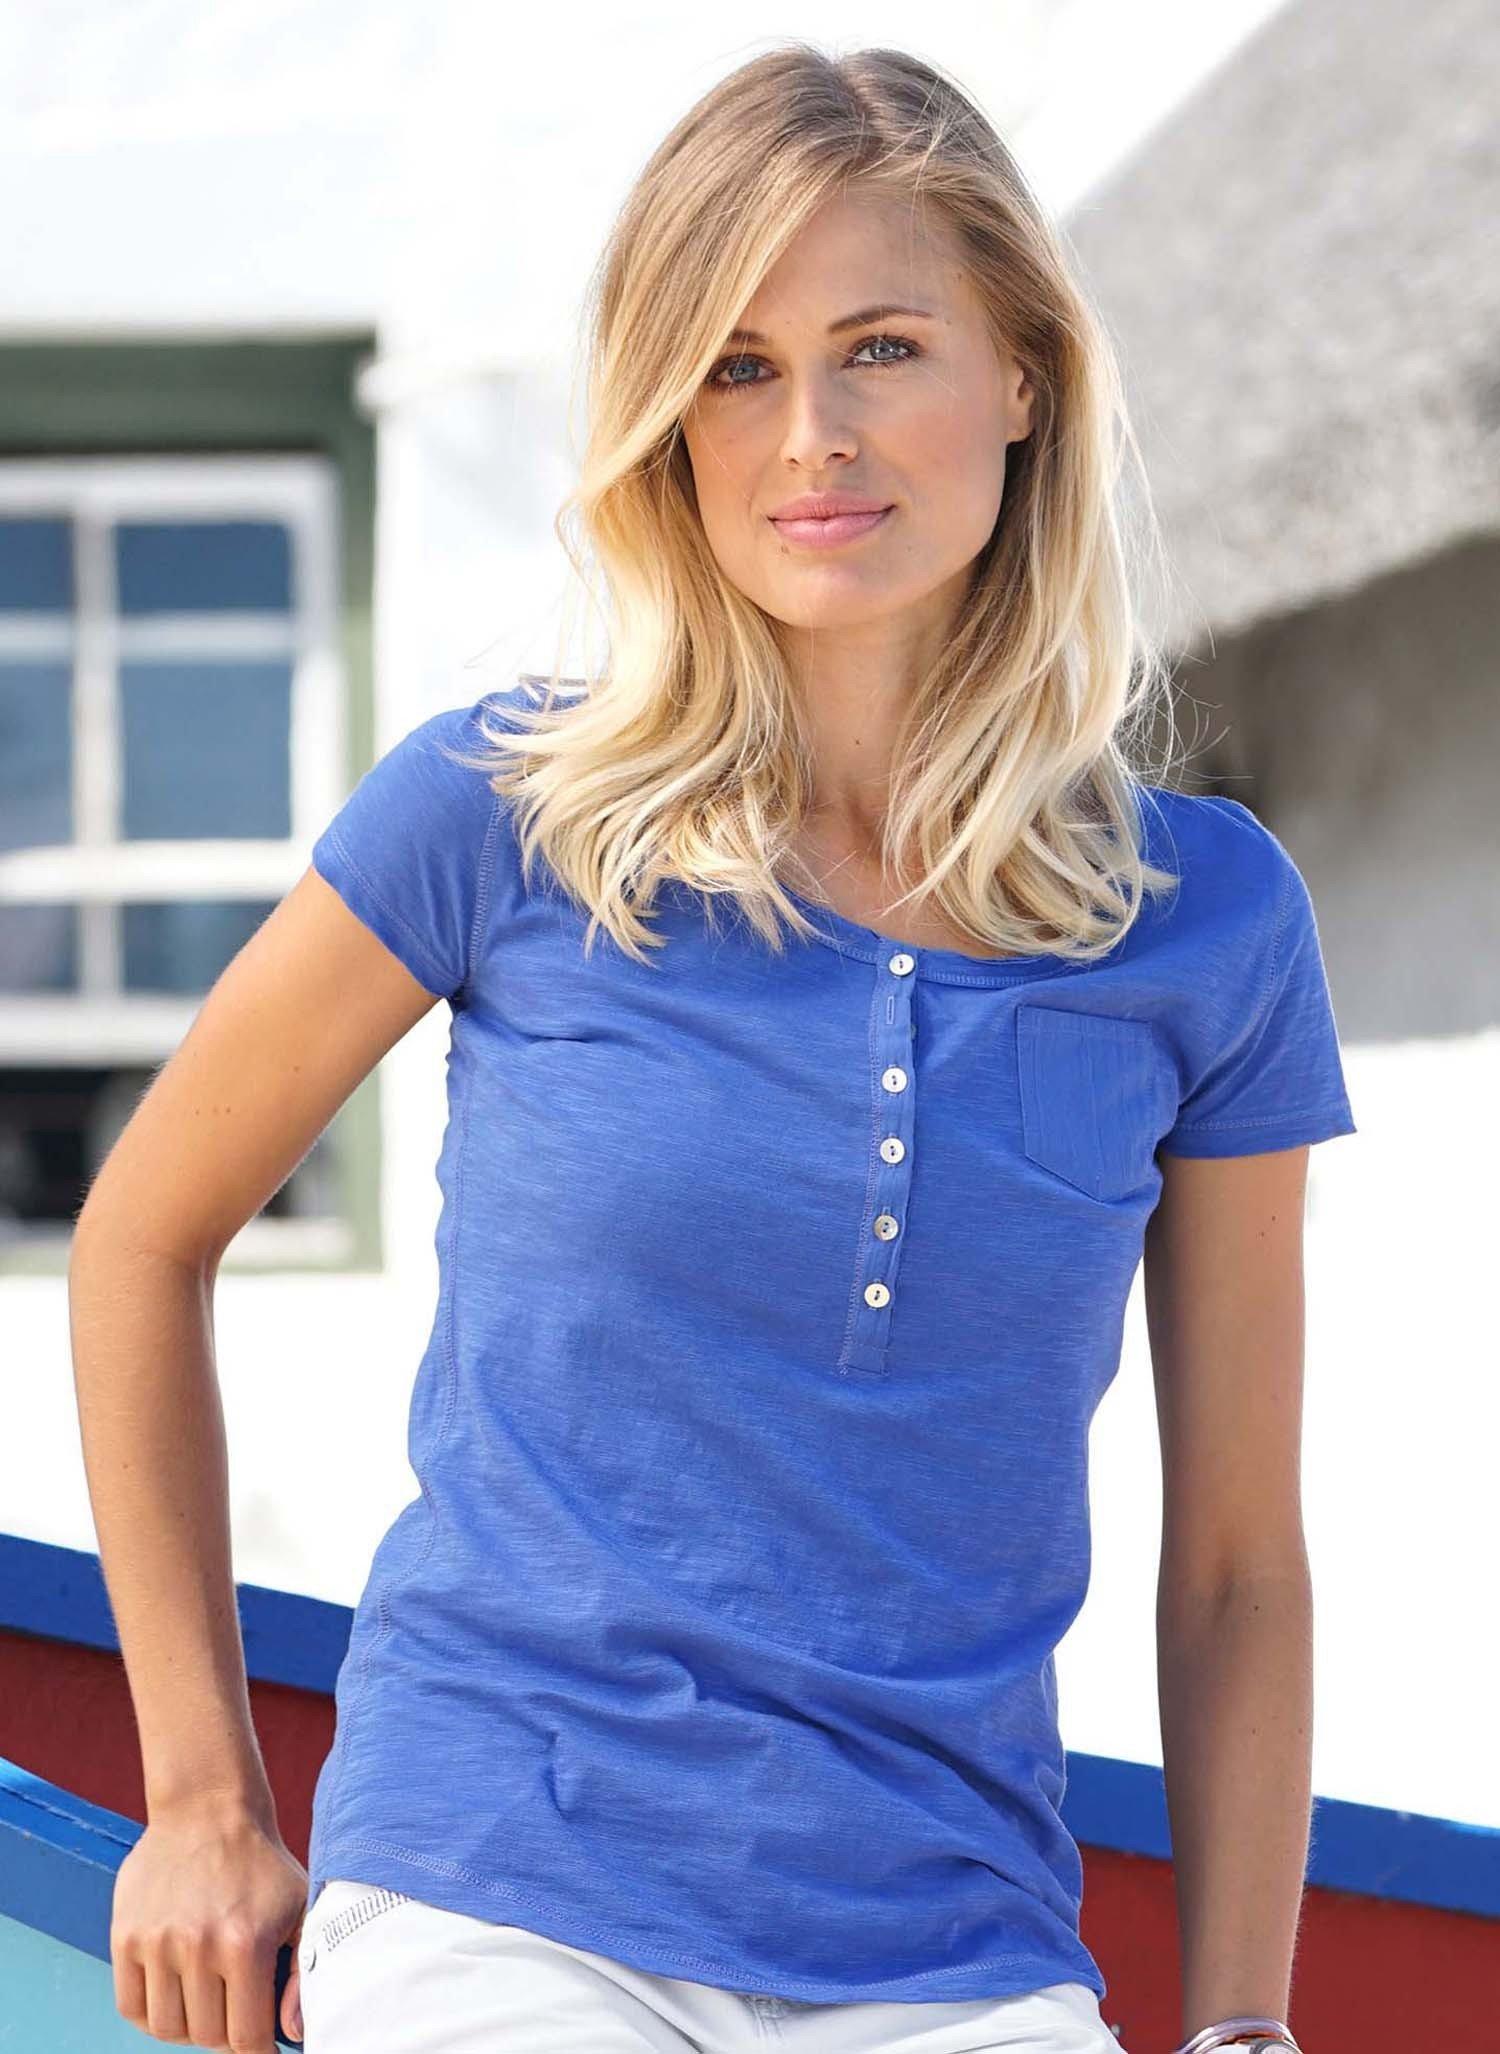 D-KA-Shirt,Perlmuttk.k'blau L 052 - 1 - Ronja.ch